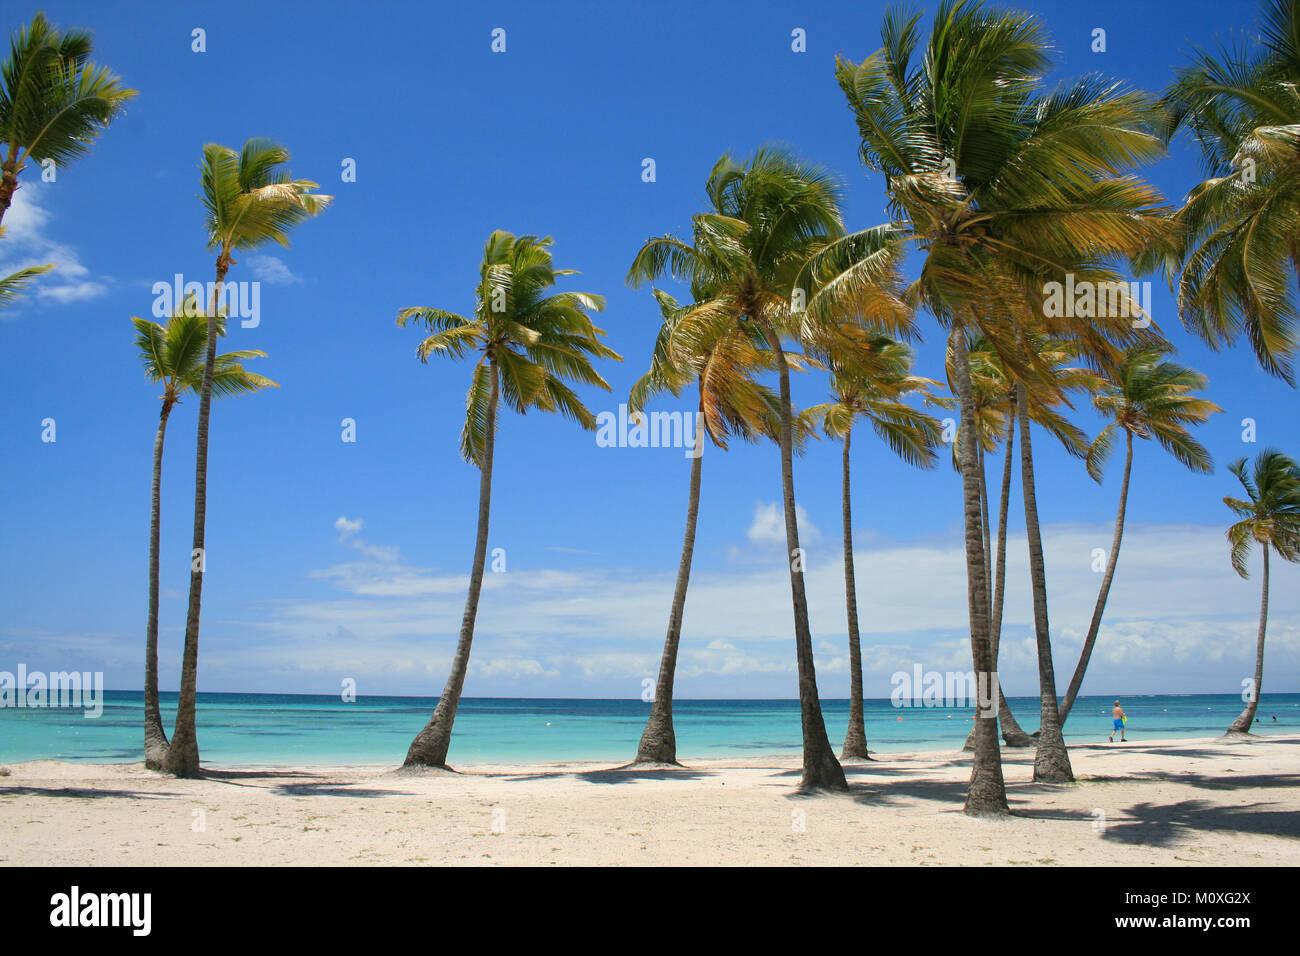 Spiaggia caraibica piena di Palme a Cap Cana Repubblica Dominicana Immagini Stock